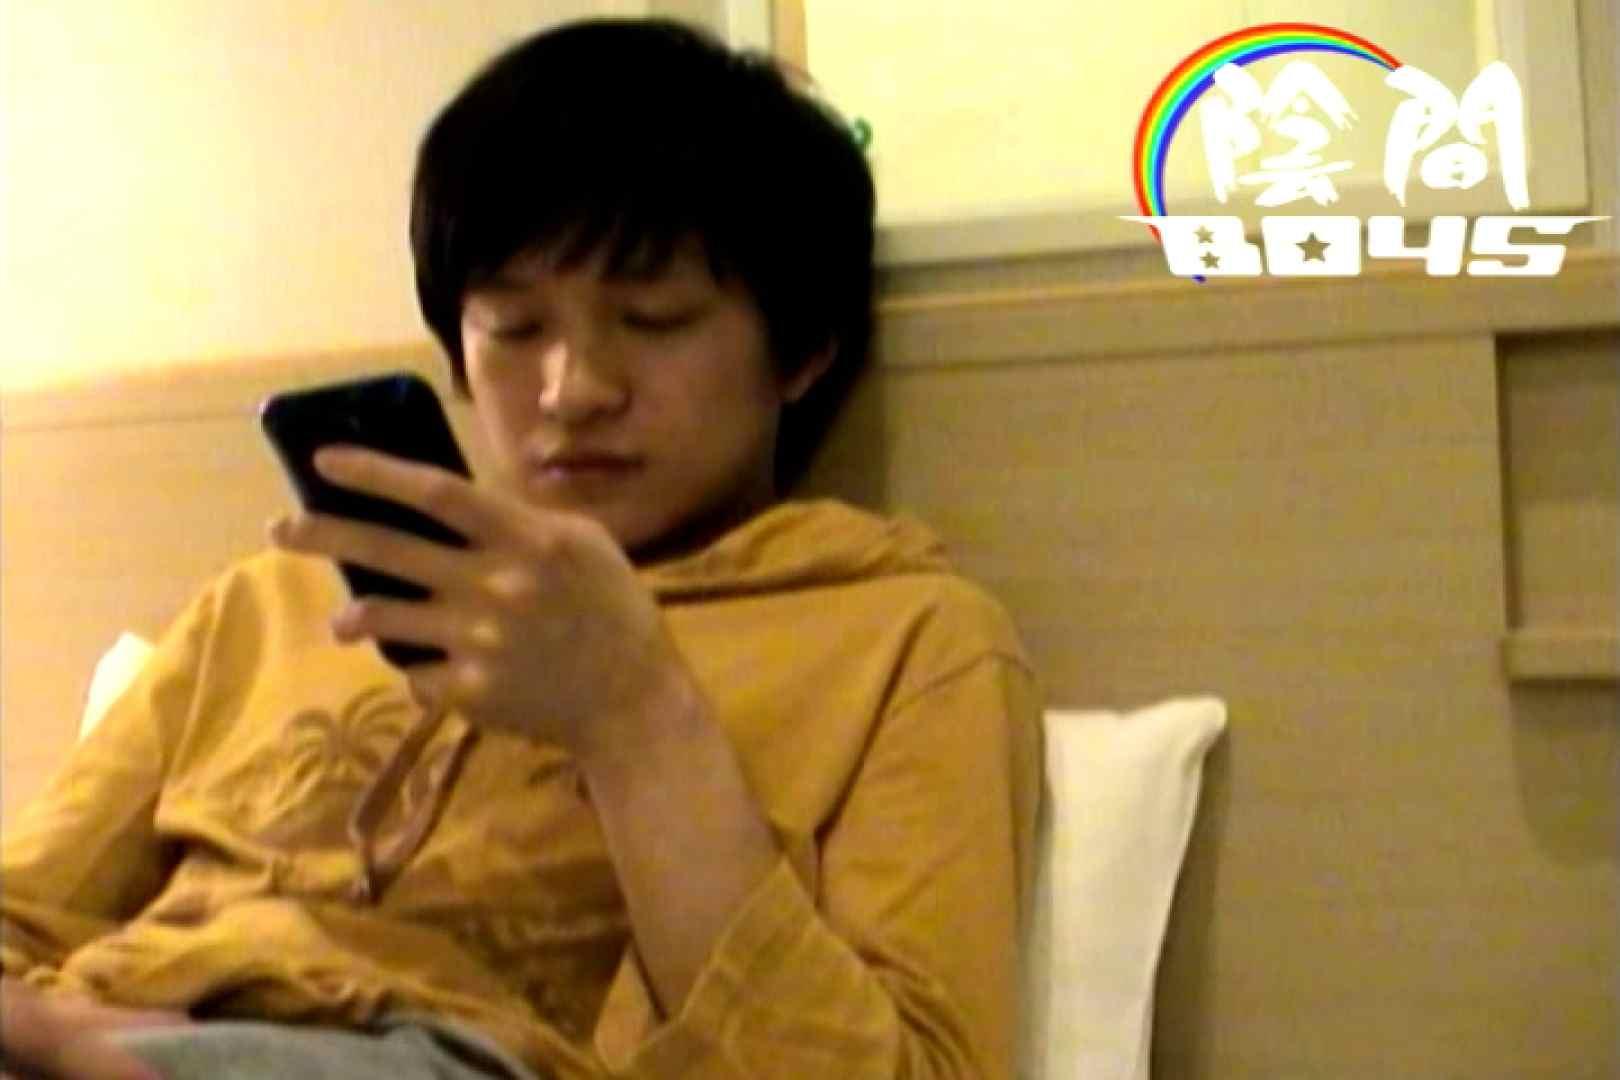 陰間BOYS~My holiday~01 オナニー  61pic 59